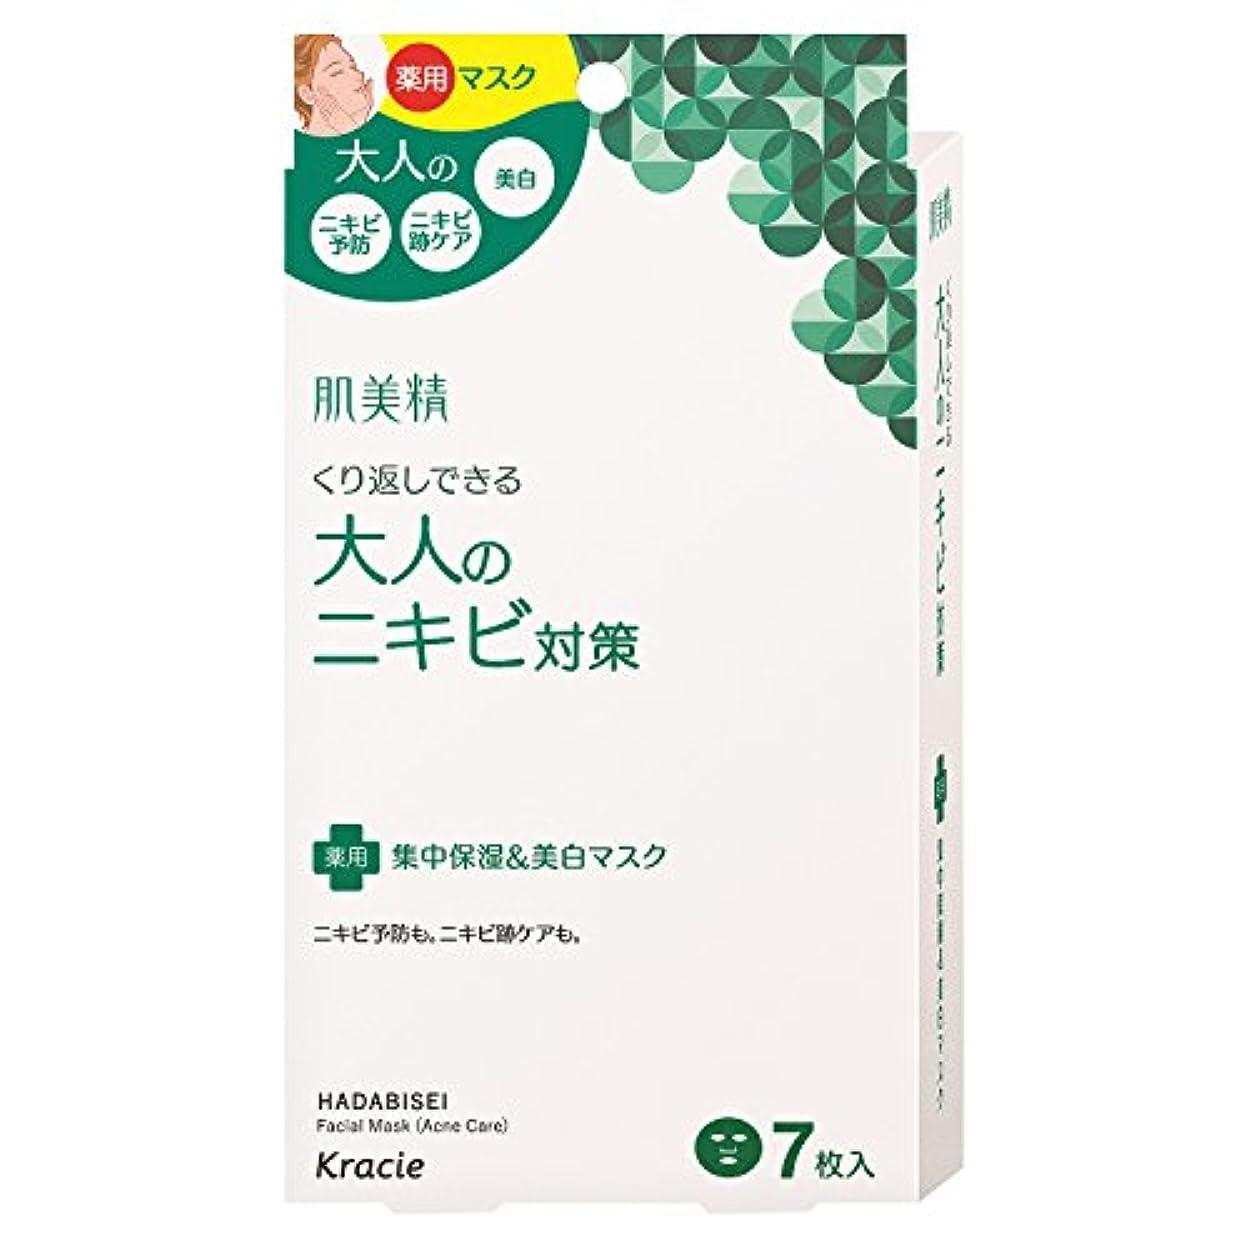 コロニアル作成者肌美精 大人のニキビ対策 薬用集中保湿&美白マスク 7枚 (医薬部外品)